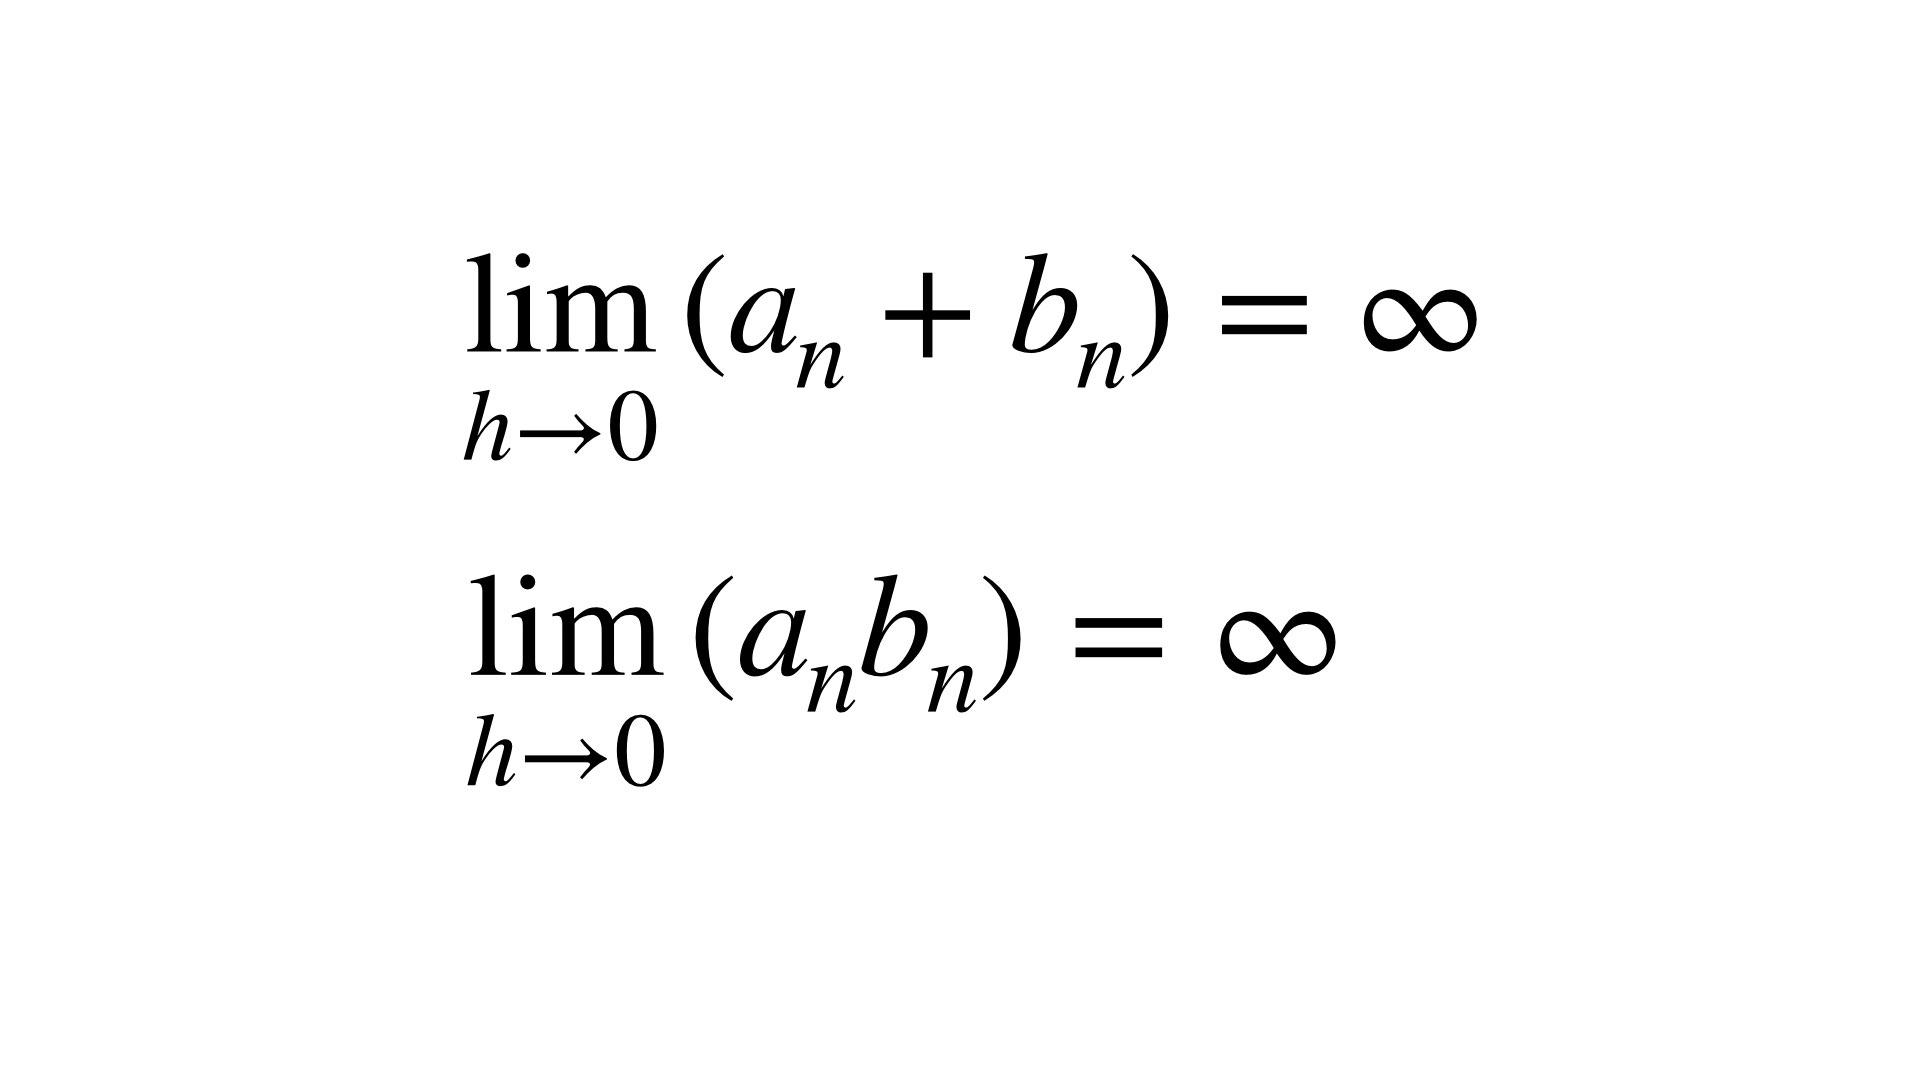 収束した負の無限大を発散する数式